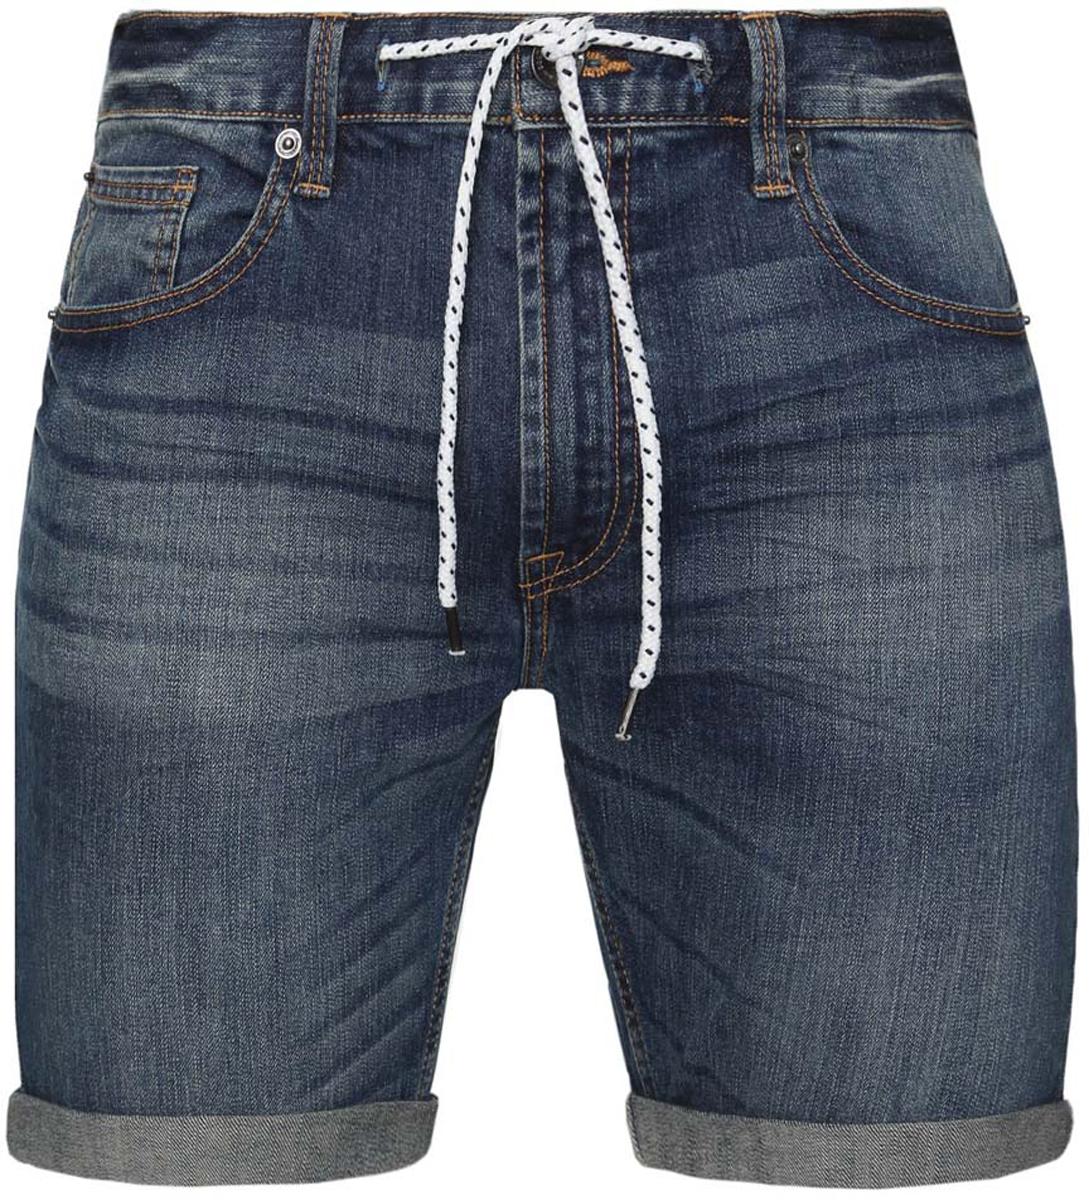 Шорты6L210021M/39643N/7000WСтильные мужские джинсовые шорты oodji Lab изготовлены из хлопка c добавлением полиуретана. Застегивается модель на пуговицу и ширинку на застежке-молнии, имеются затягивающийся шнурок и шлевки для ремня. Спереди модель дополнена двумя втачными карманами и одним небольшим накладным кармашком, а сзади - двумя накладными карманами. Модель оформлена эффектом потертости и перманентными складками.